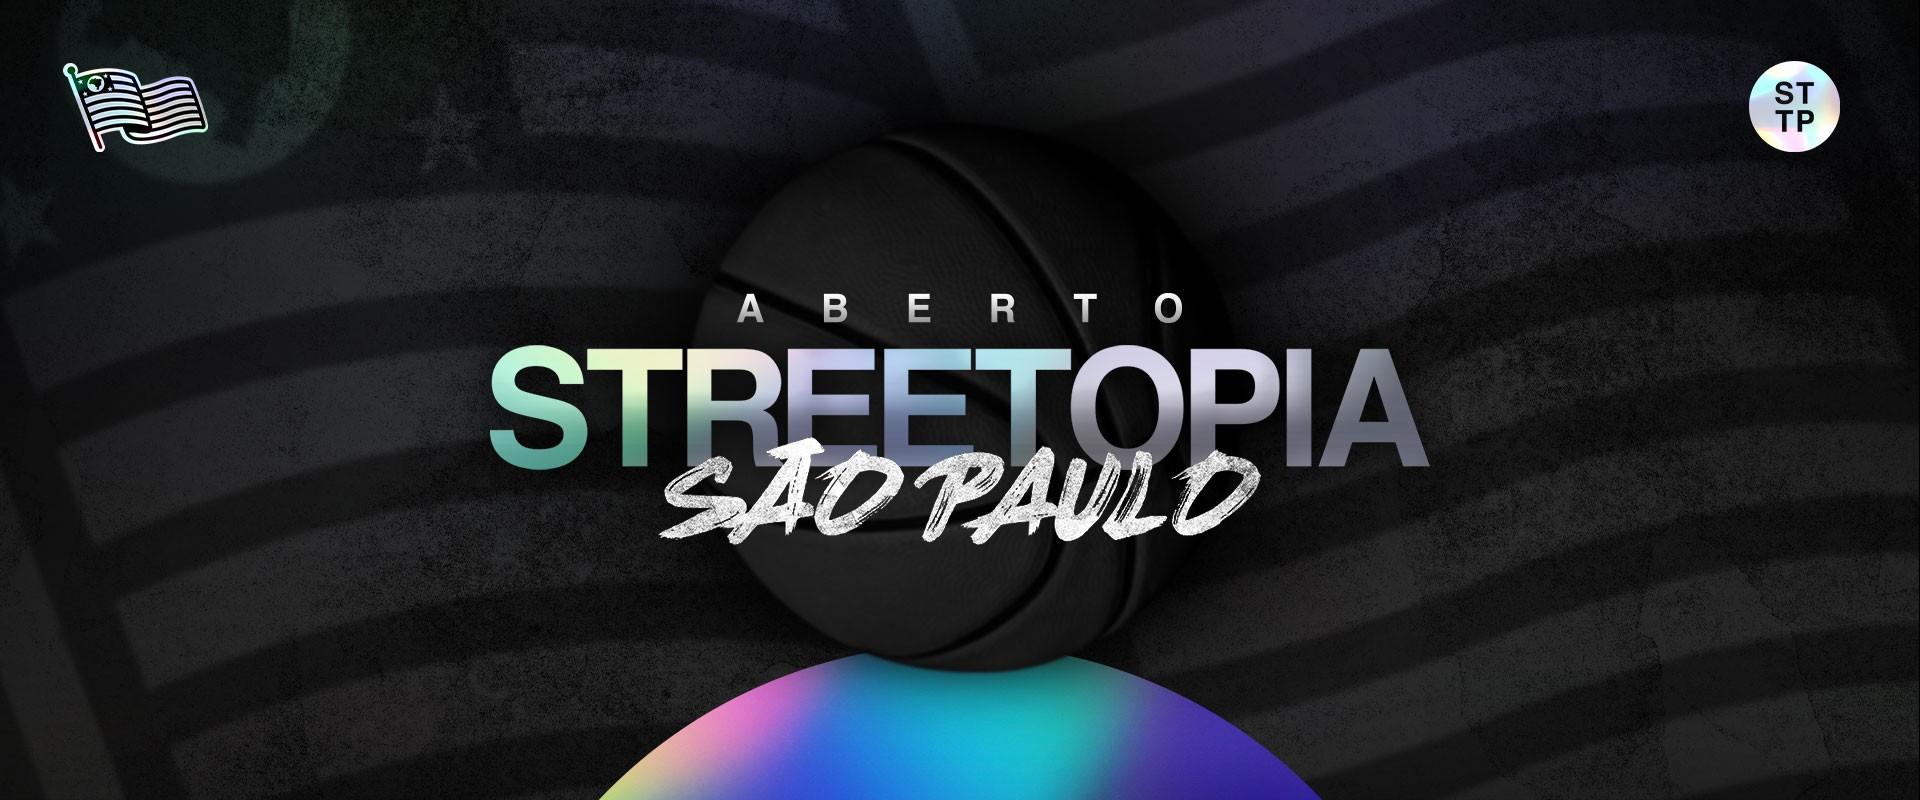 EP ABERTO SP